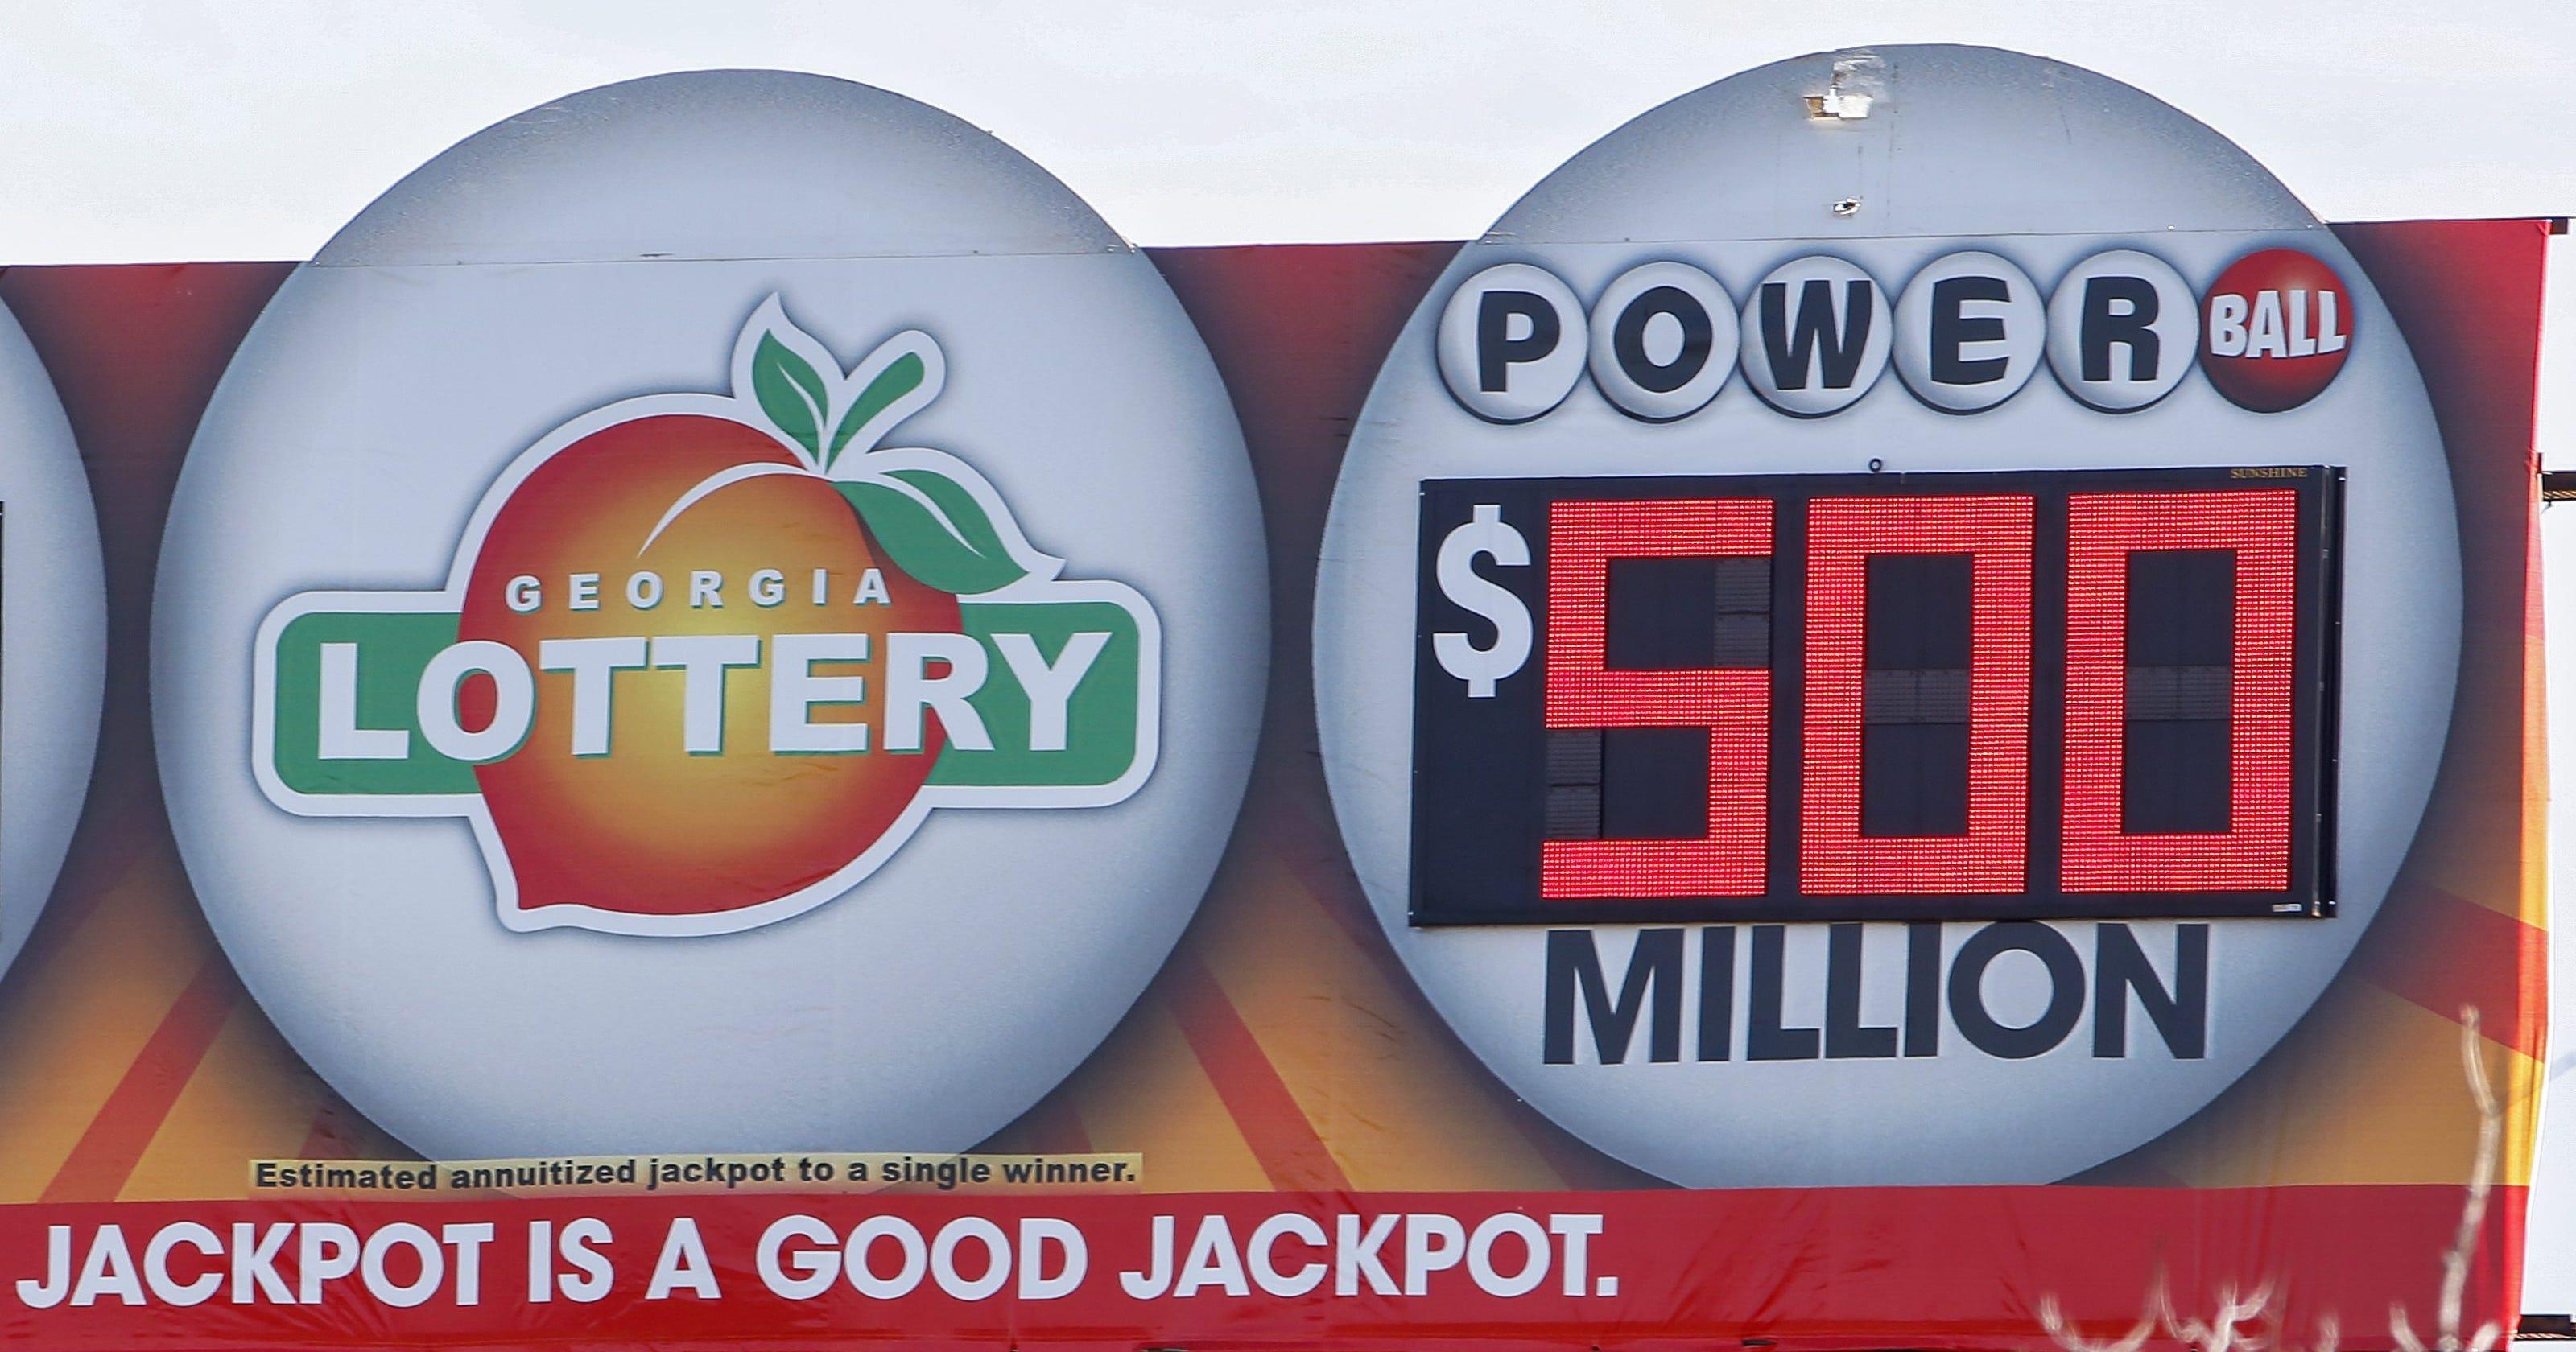 Powerball Jackpot Spikes To 500 Million